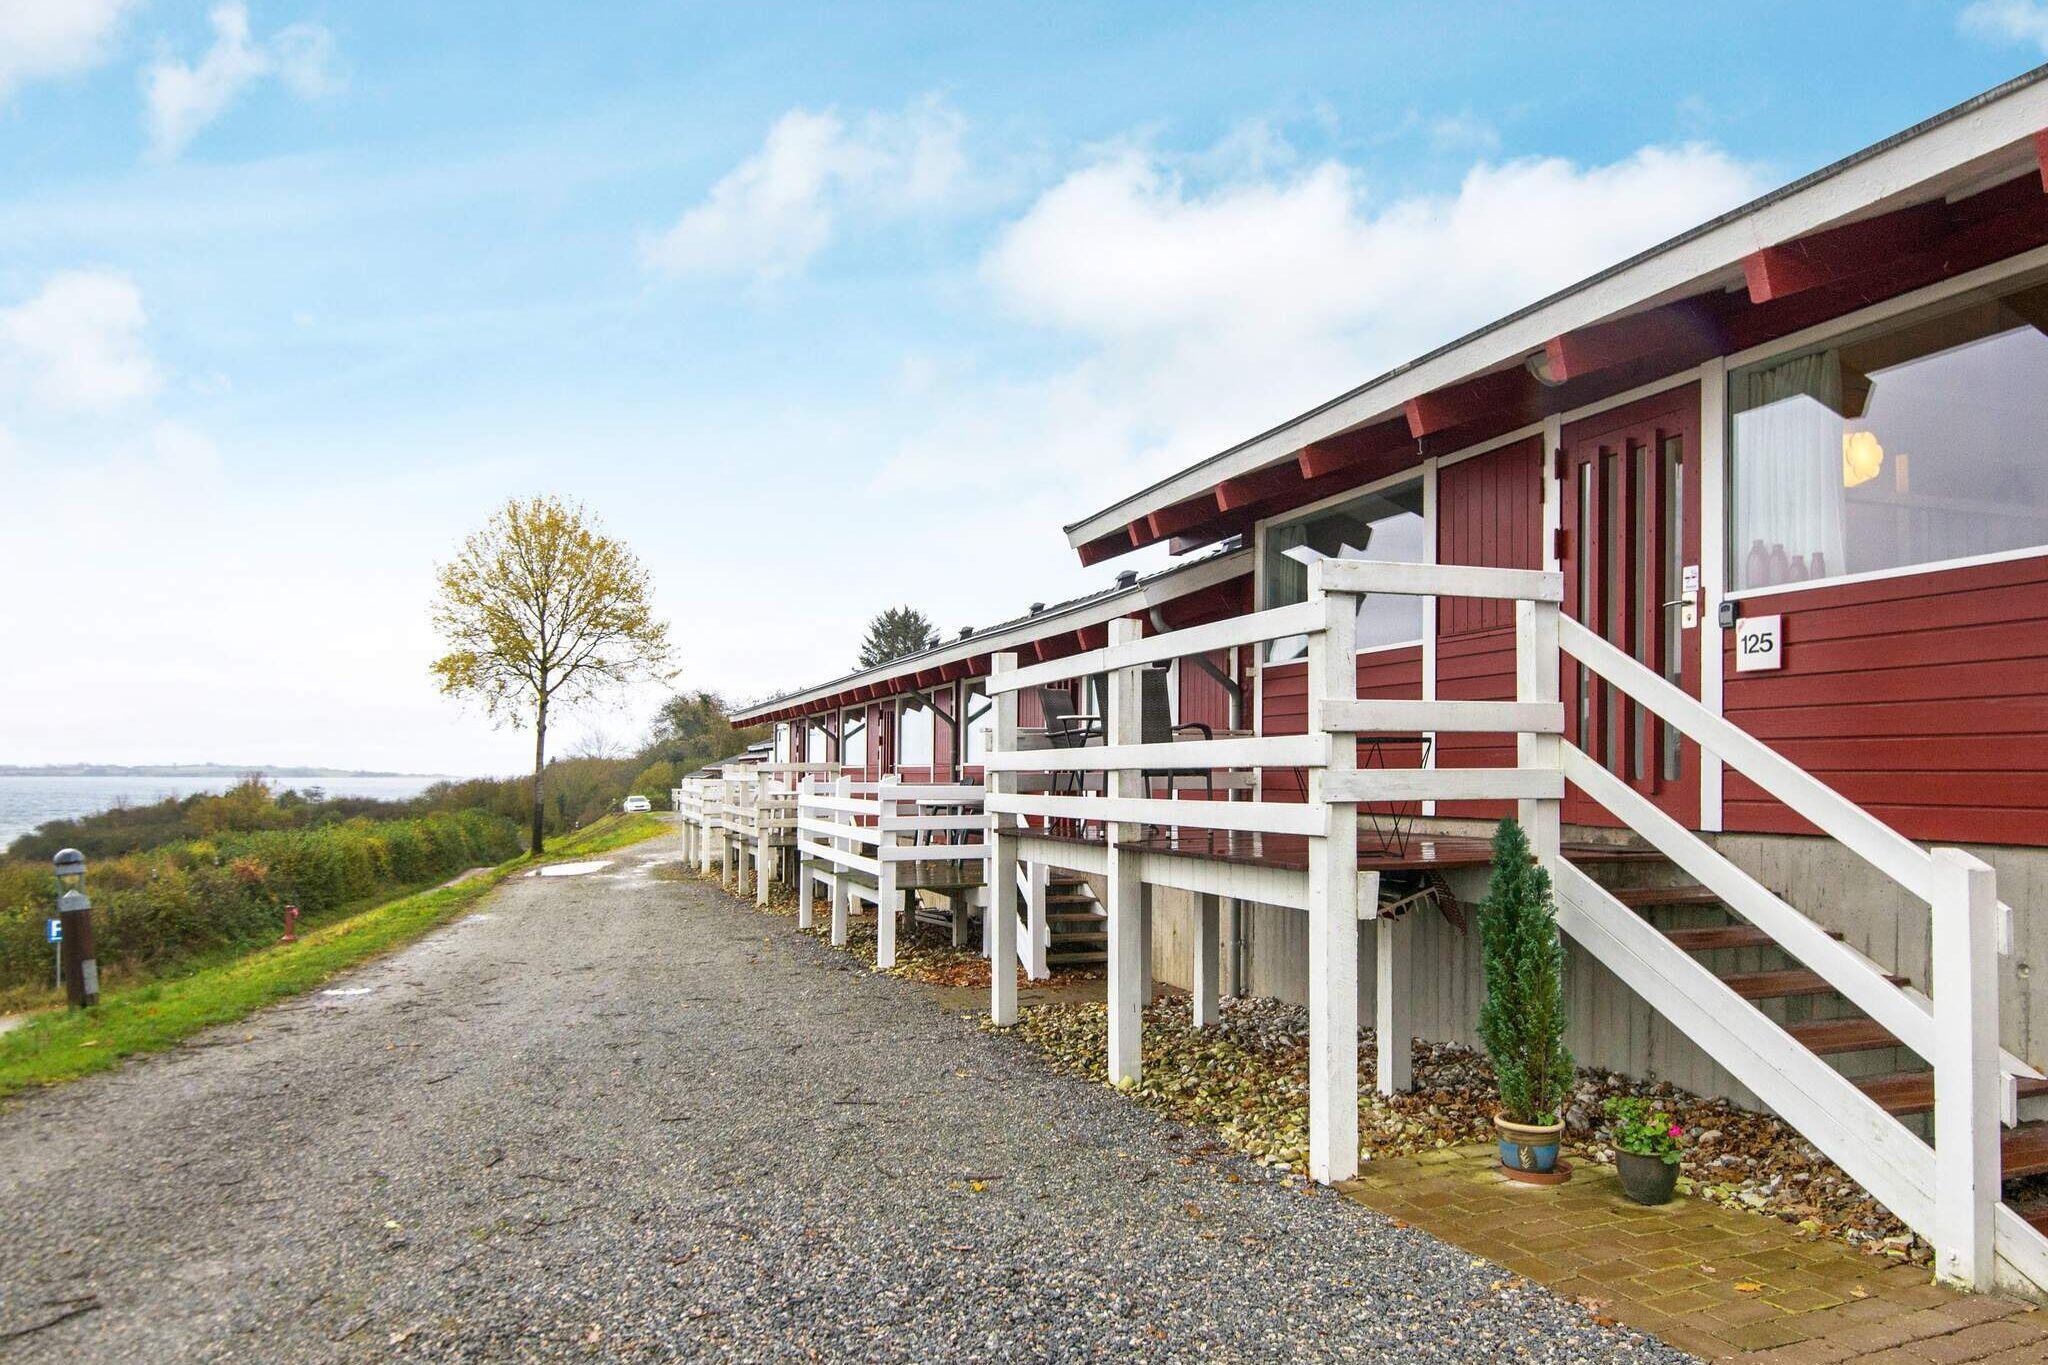 Ferienhaus in Apenrade für 5 Personen